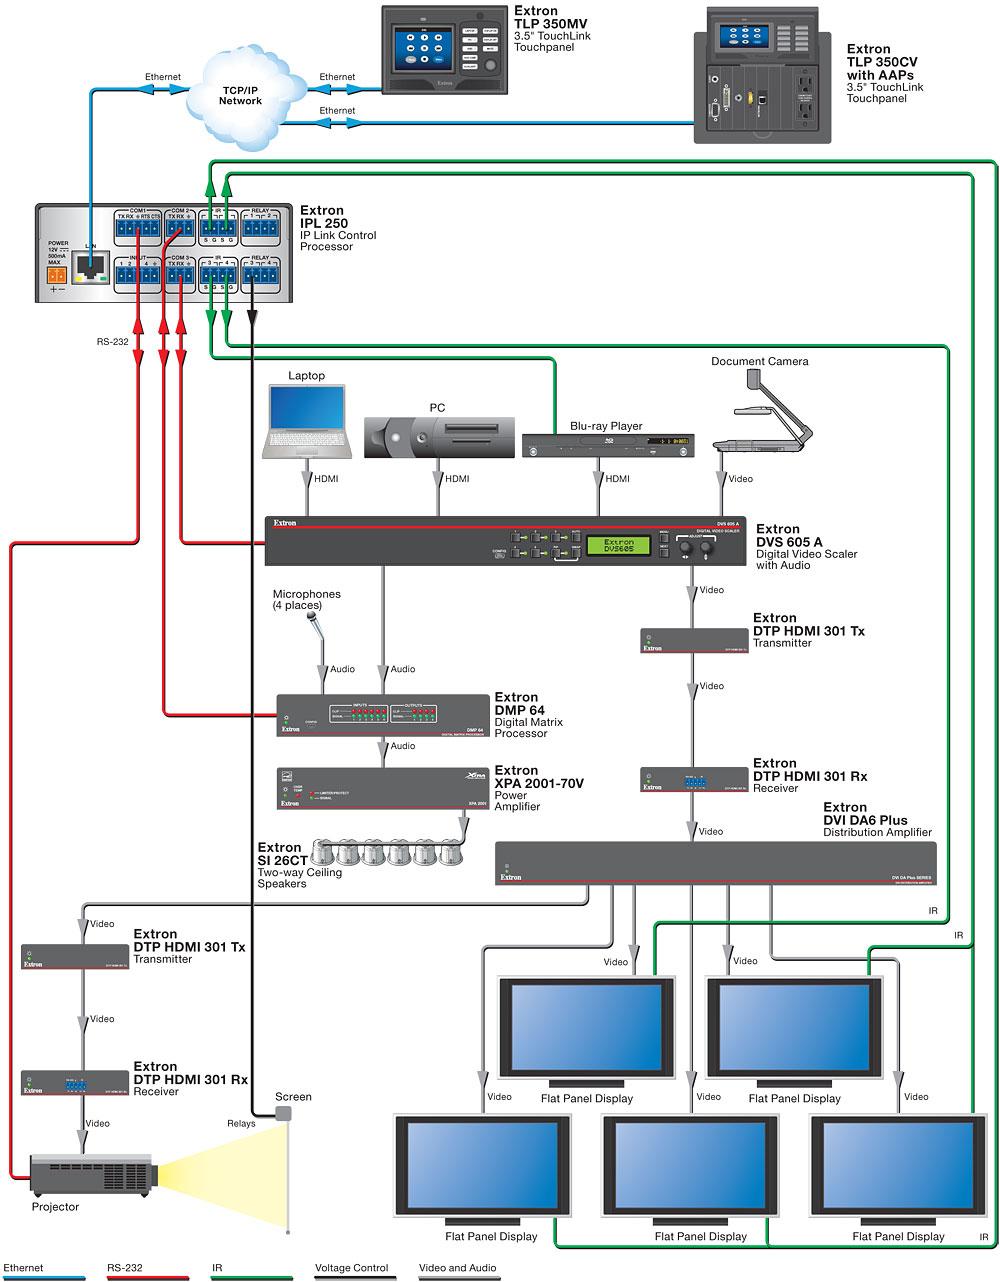 medium resolution of boardroom extron systems engineering av system design diagram